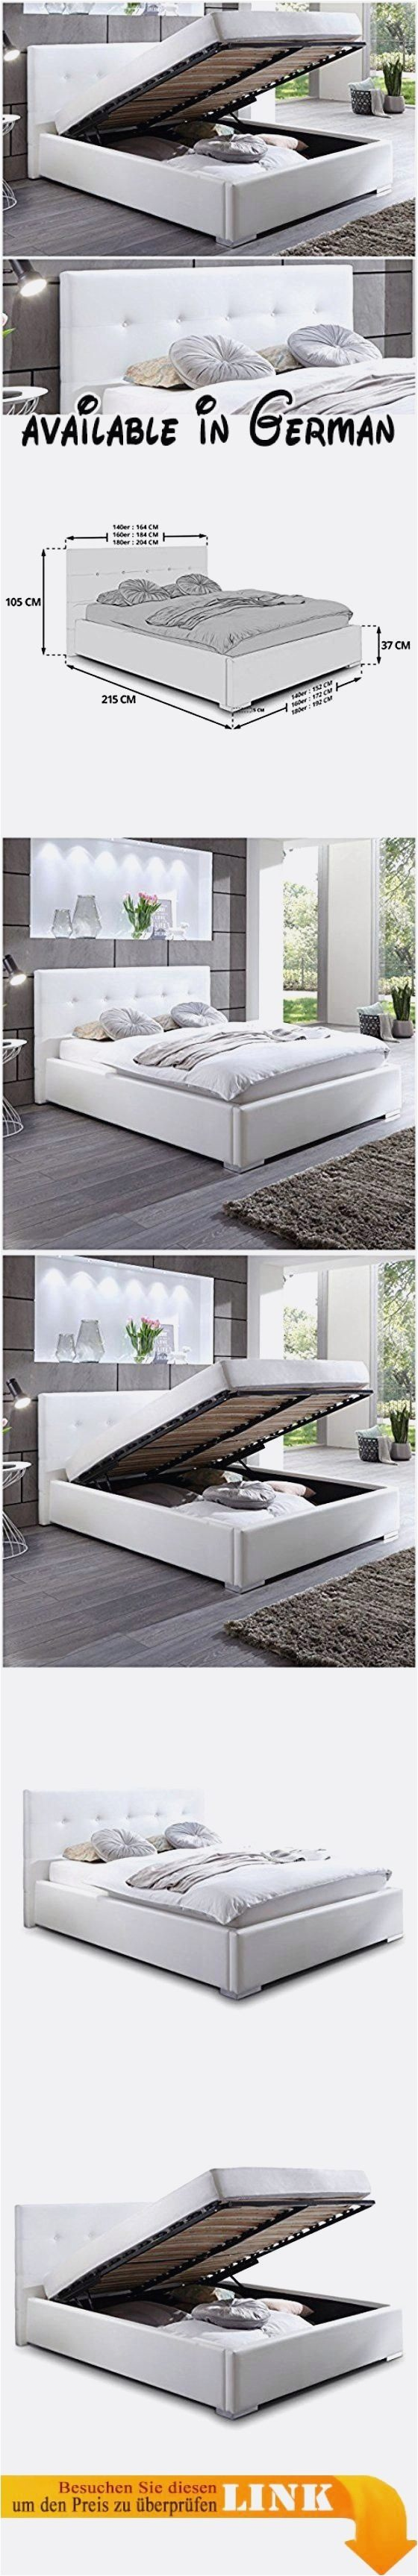 Lit Escamotable 2 Personnes Ikea Luxe Lit Relevable Ikea Concepts Lit Chez Ikea 2 Personnes Jete Lit